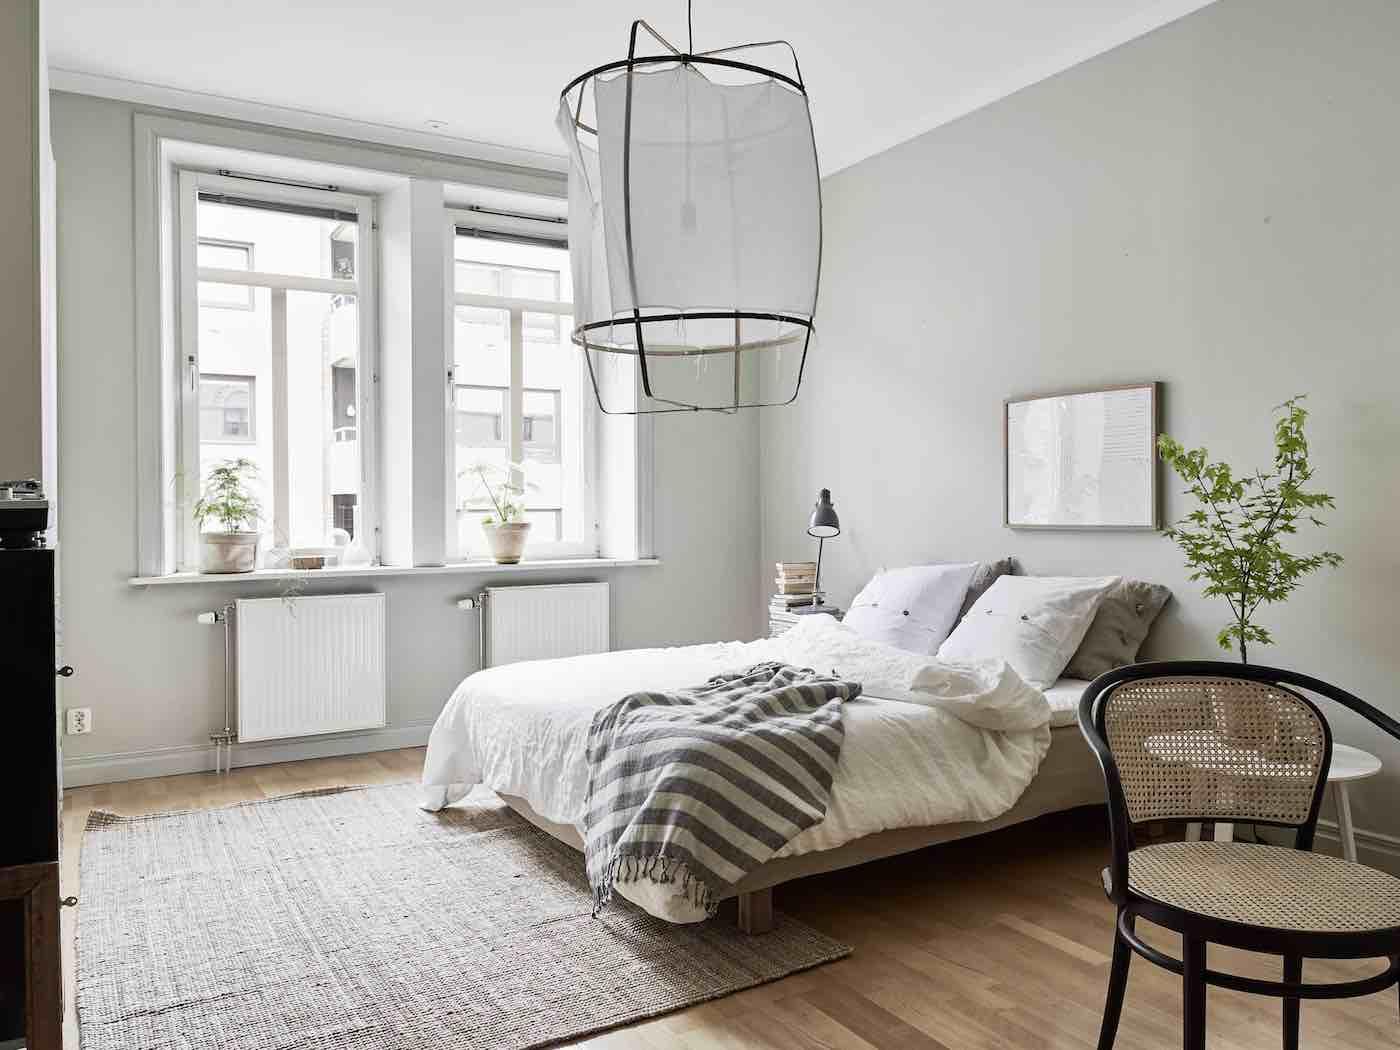 Schwedische Wohnung mit grünen Akzenten  Designs2love